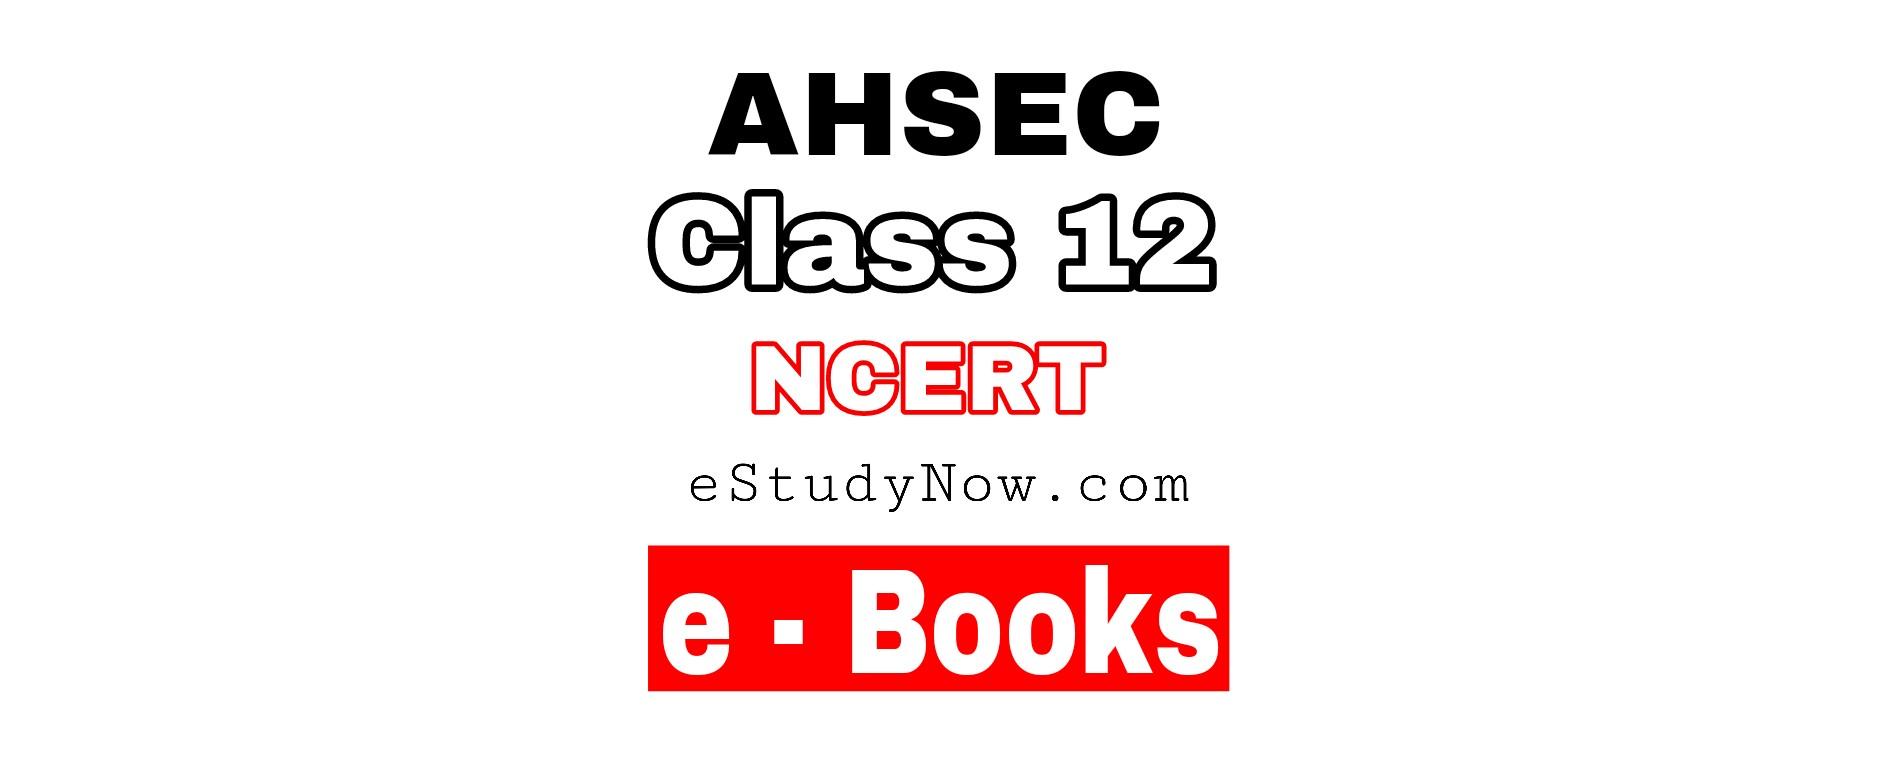 class 12 ebook ahsce